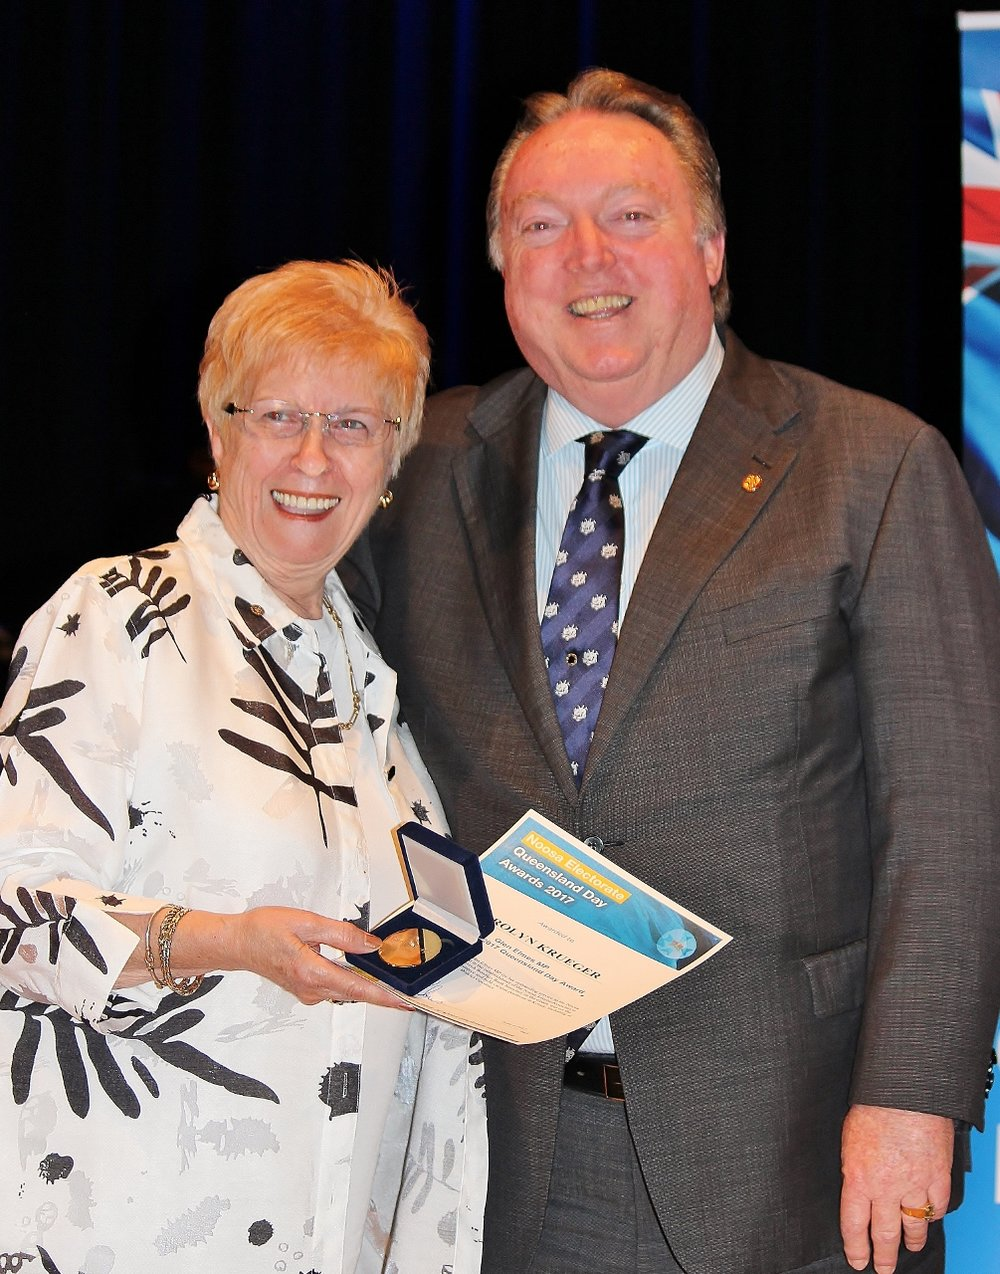 Carolyn Kruger celebrating her award with Glen Elmes at The J (6).jpg